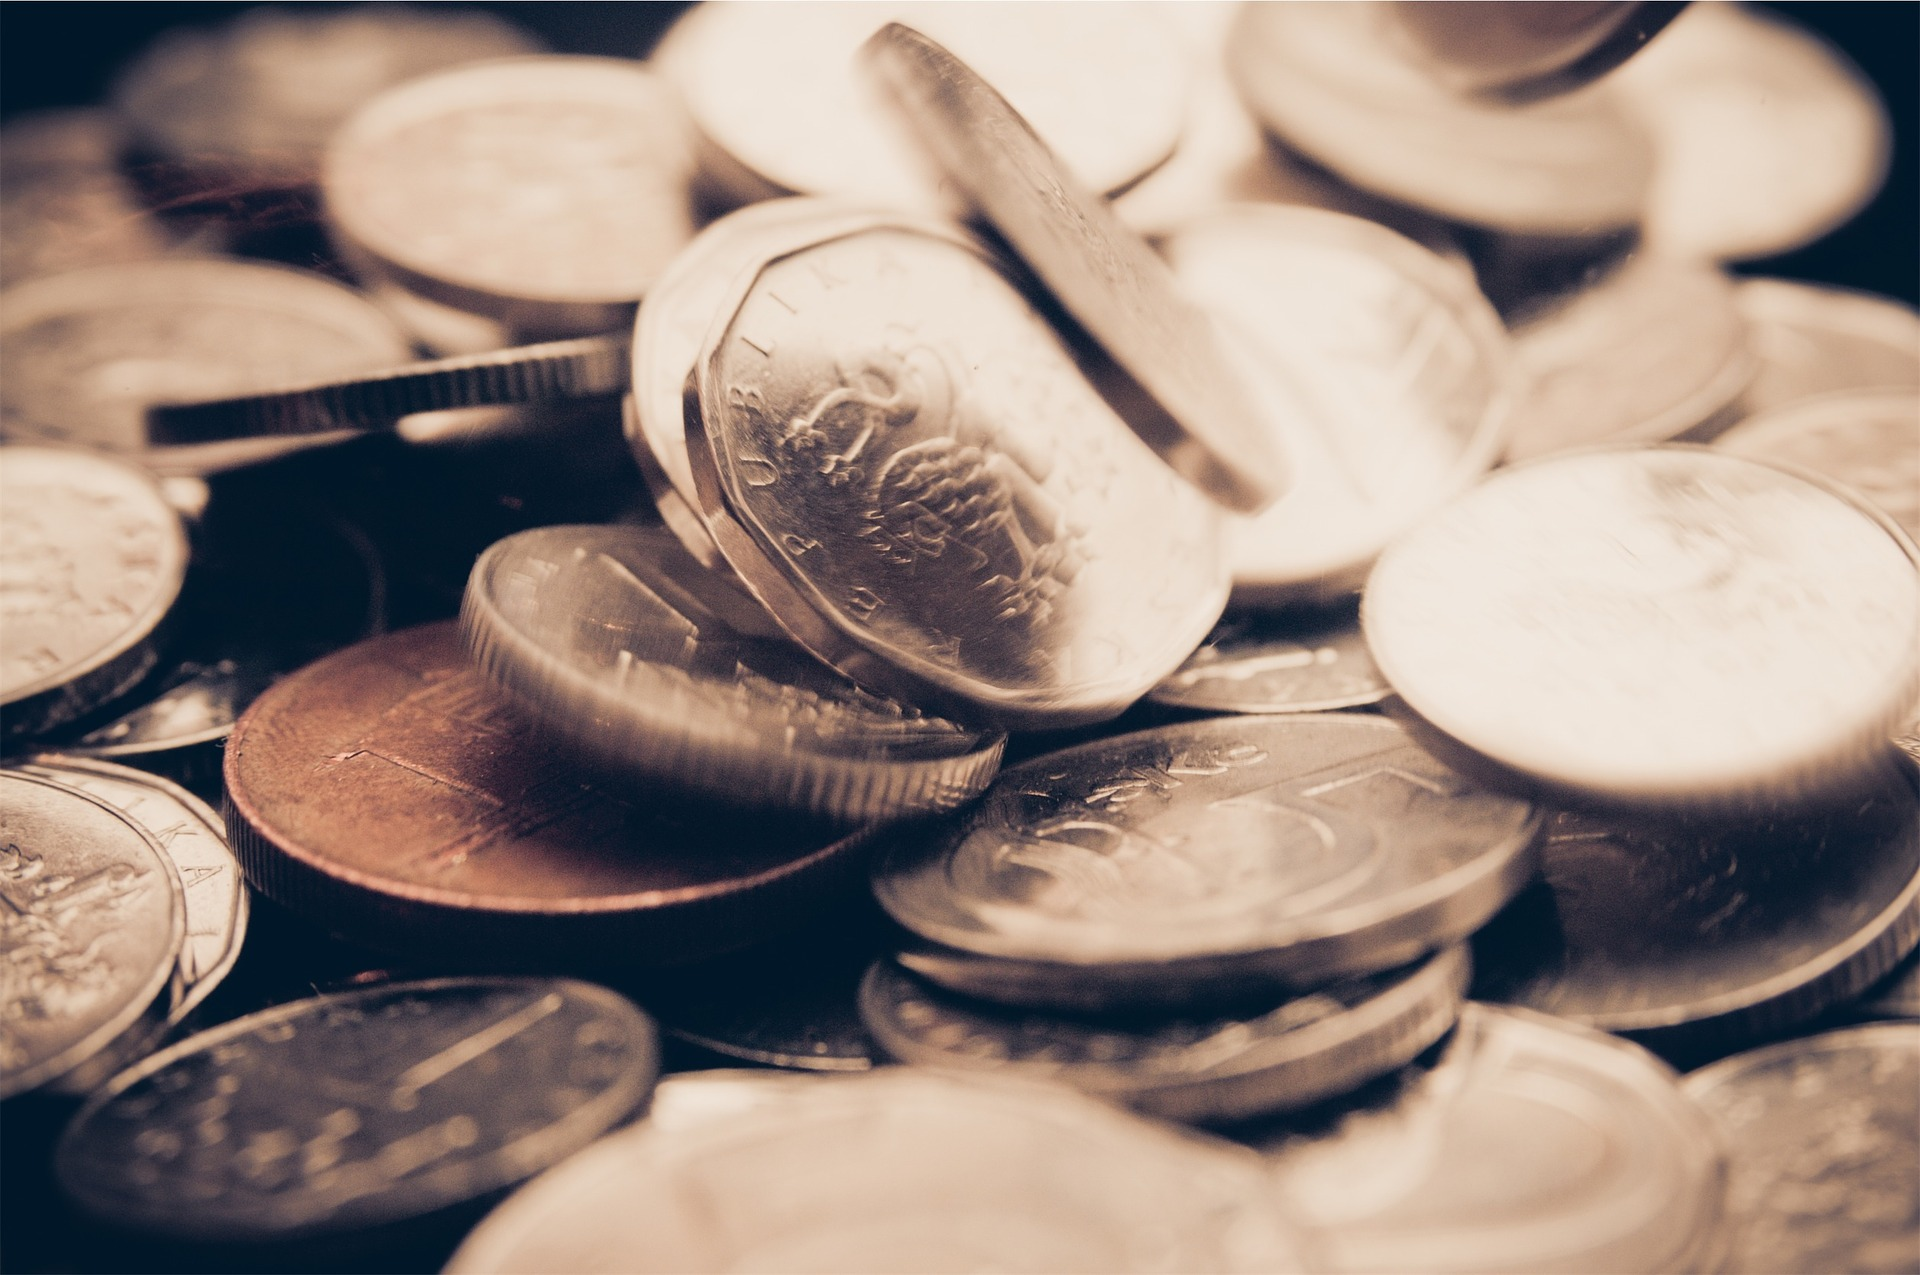 coins-698728_1920.jpg